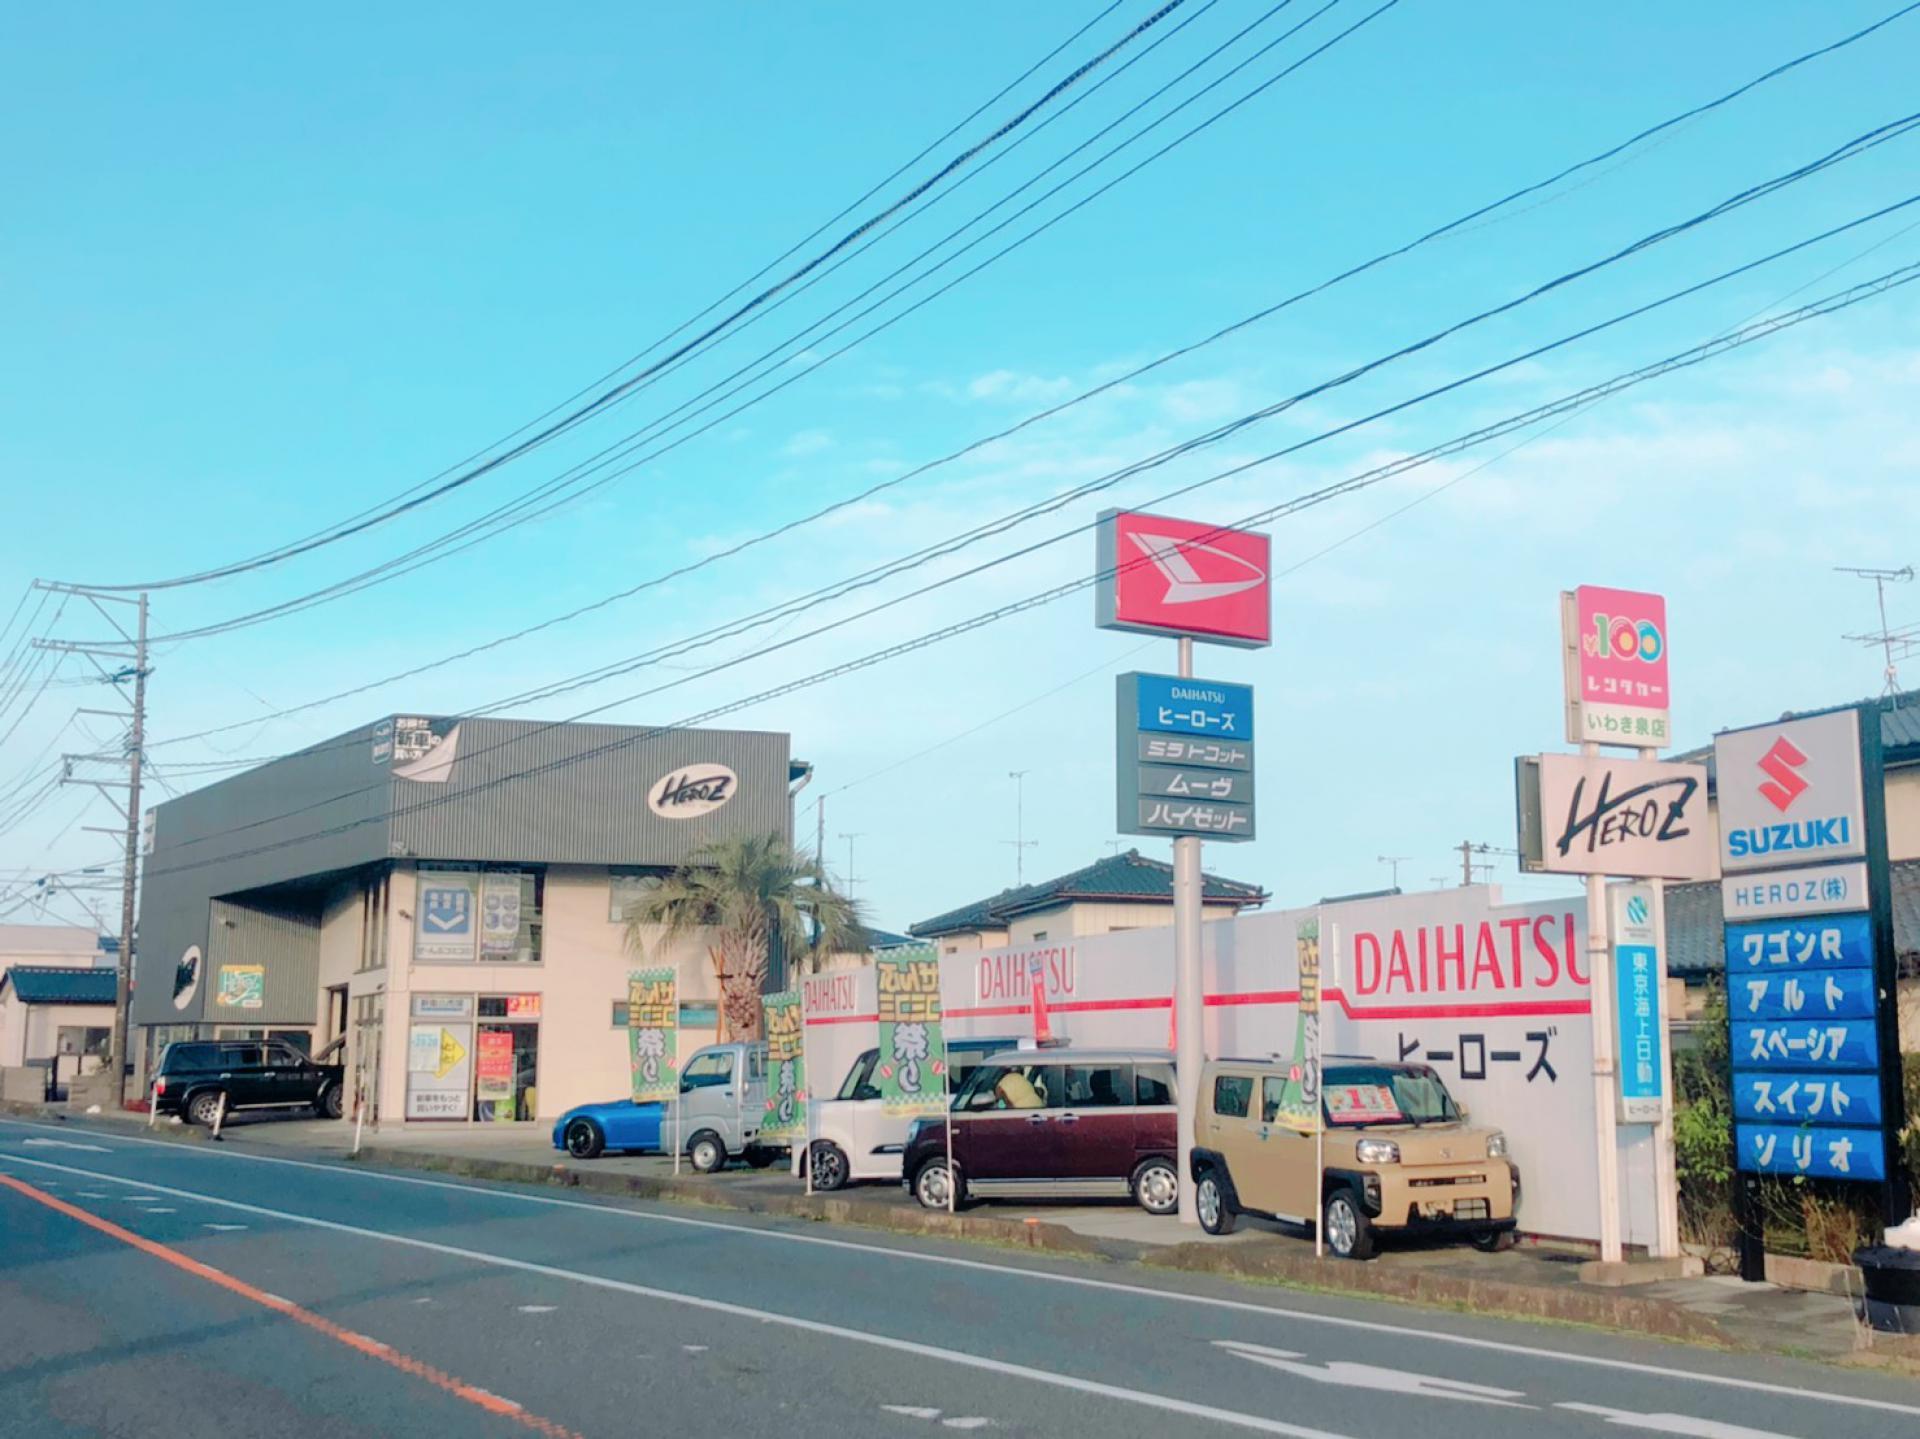 HEROZ株式会社 新車市場 いわき泉店